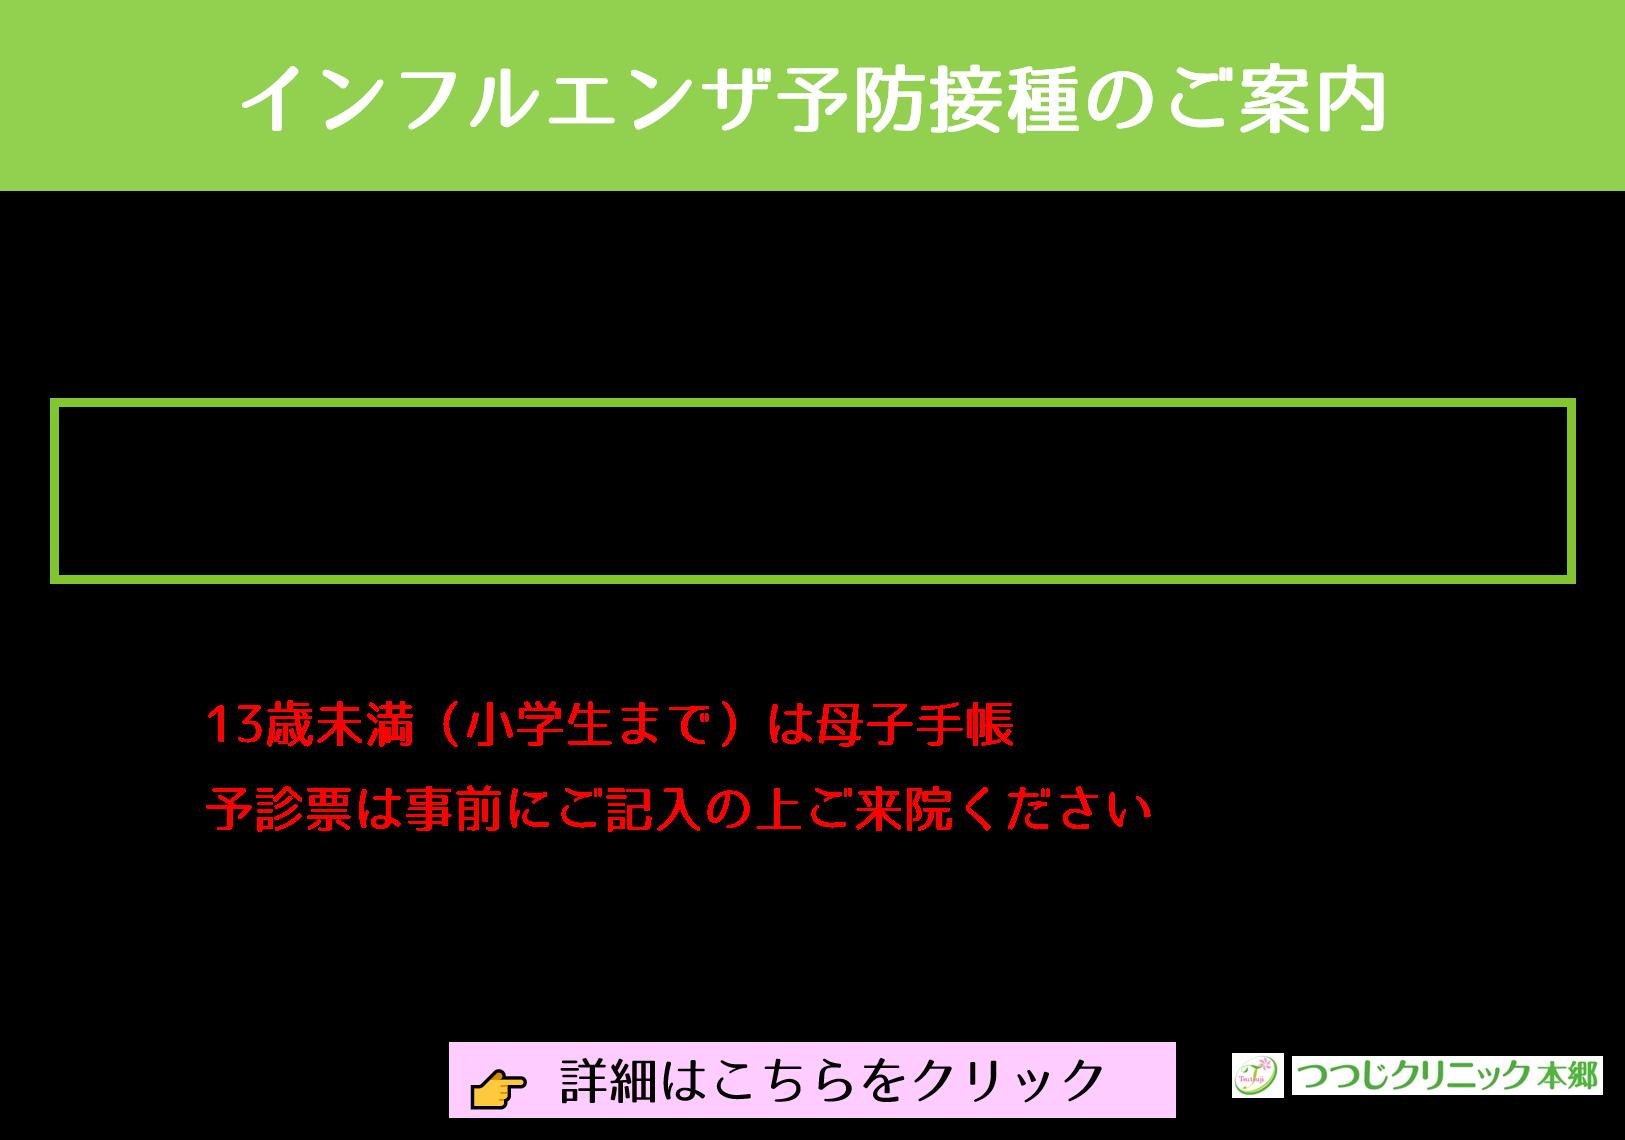 インフル(本郷)